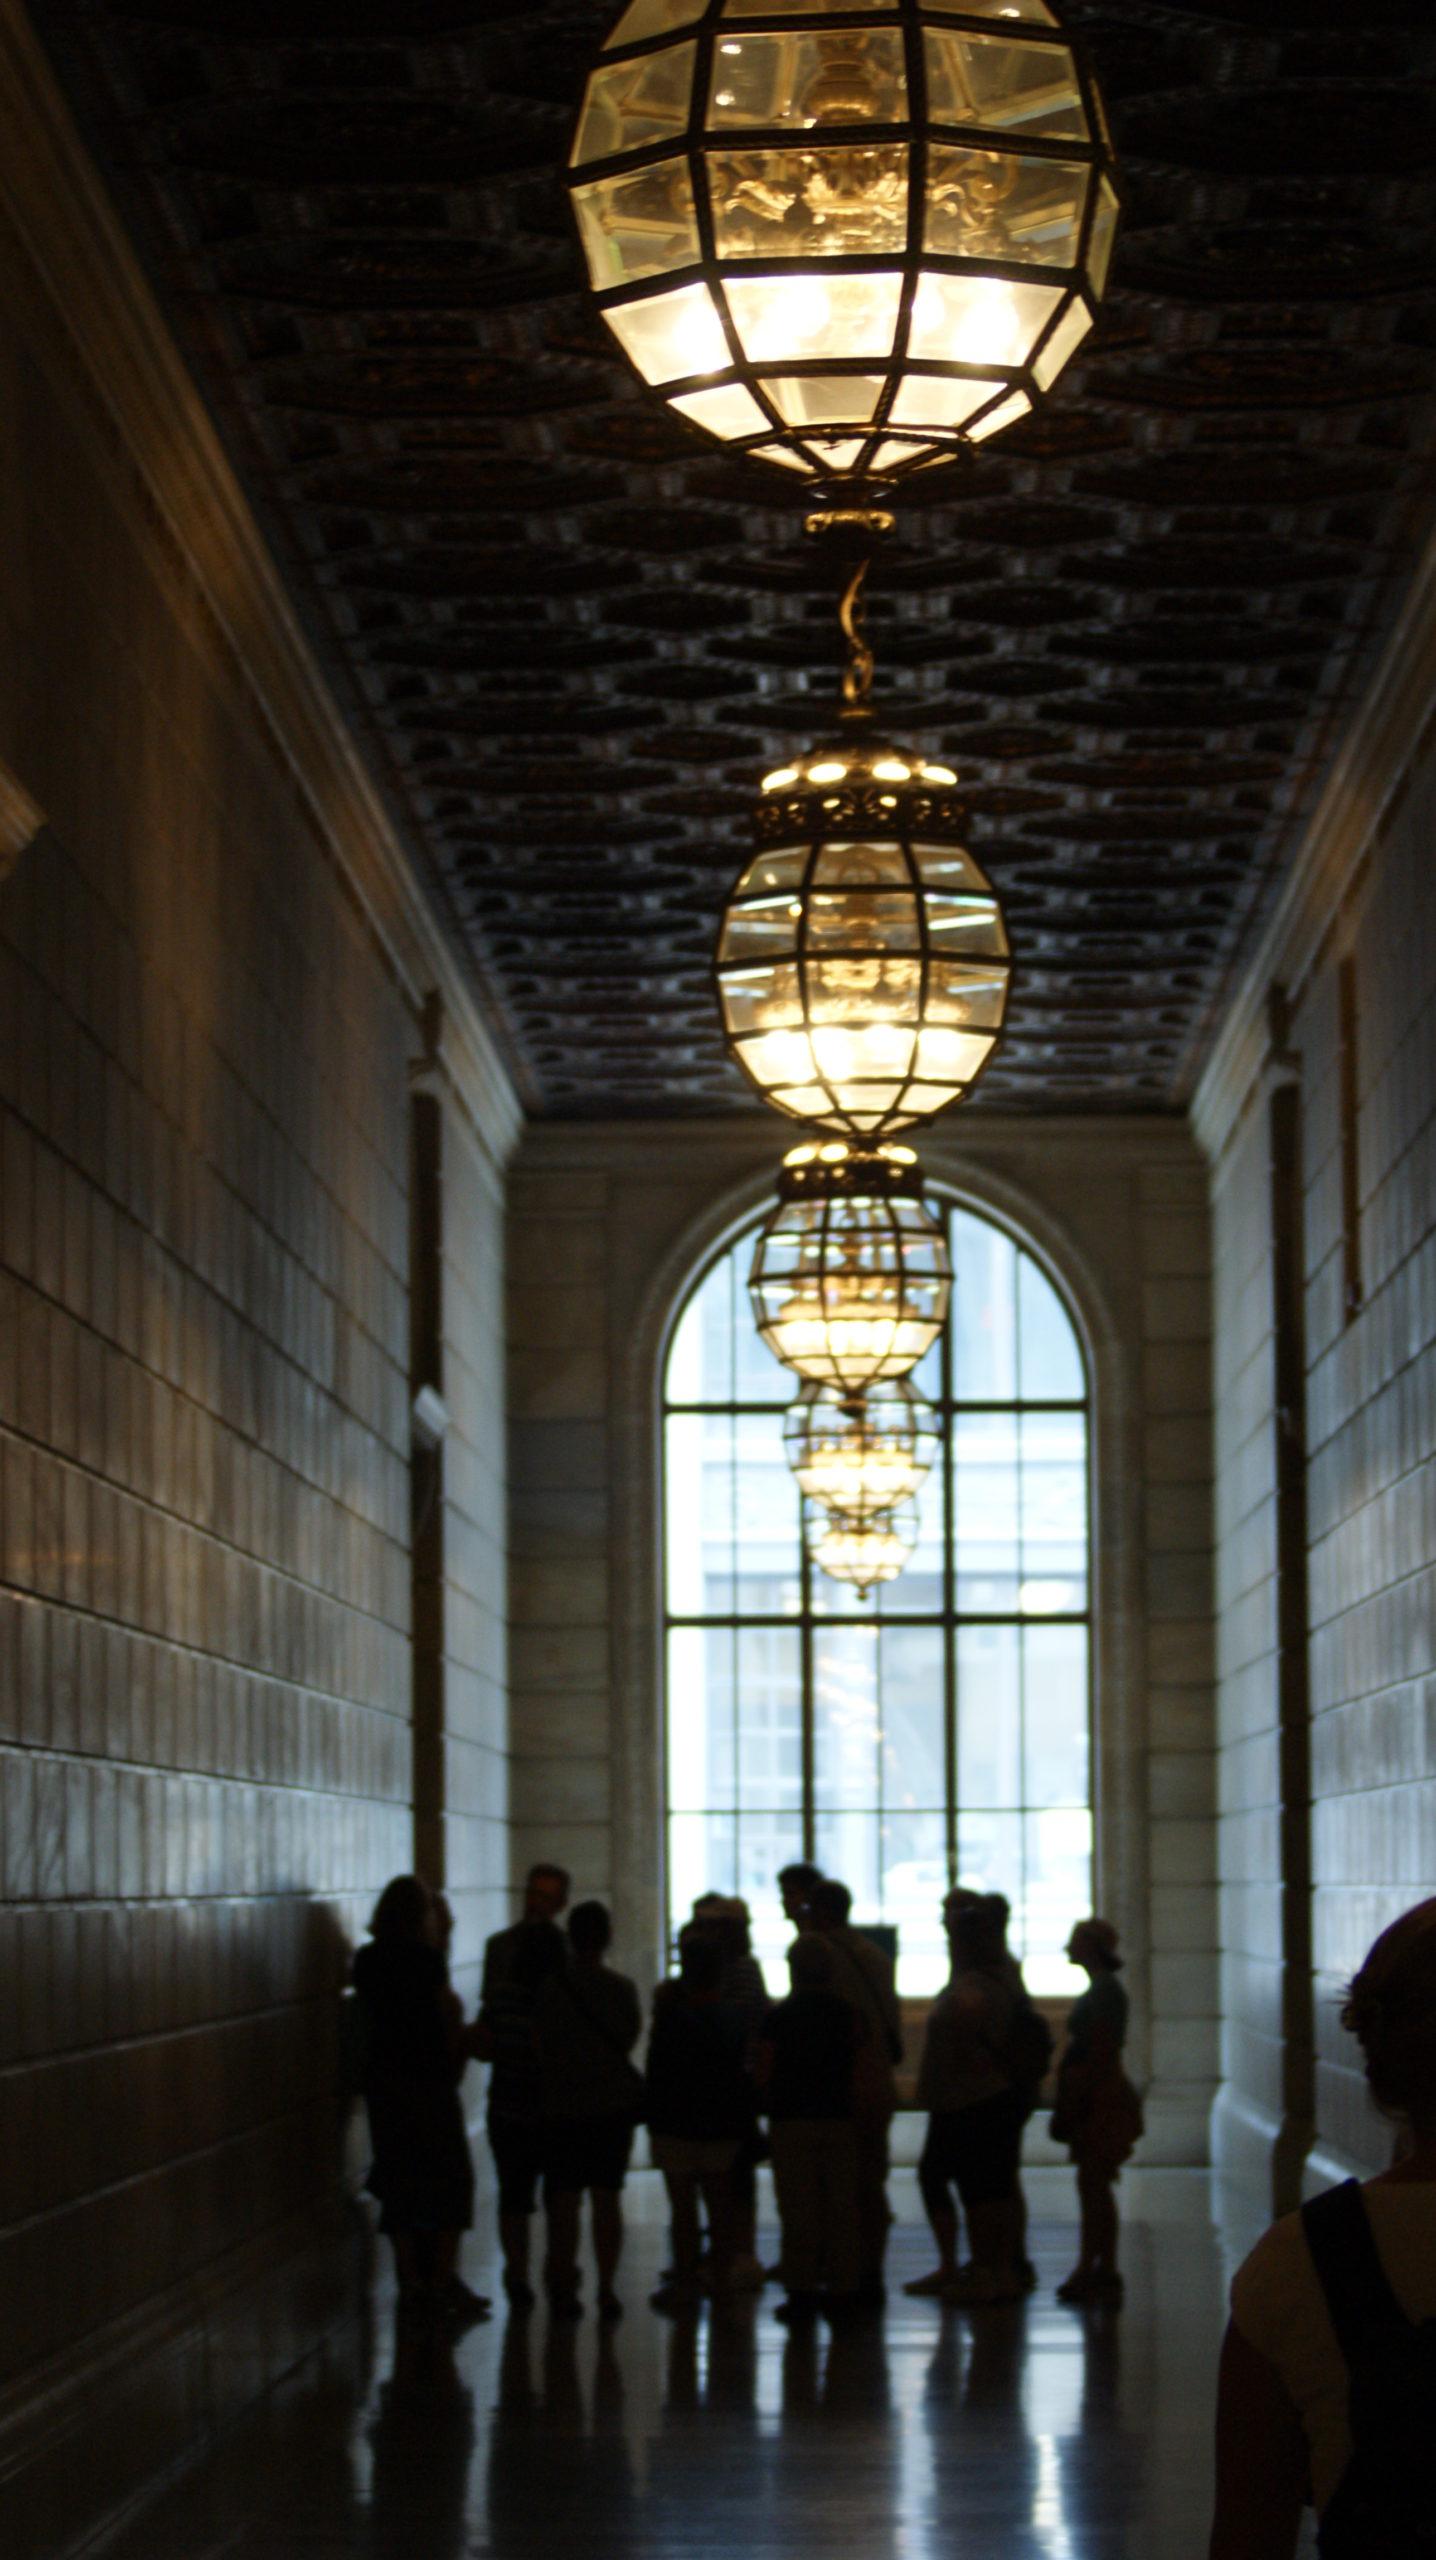 Pierwsze piętro biblioteki New York Public Library